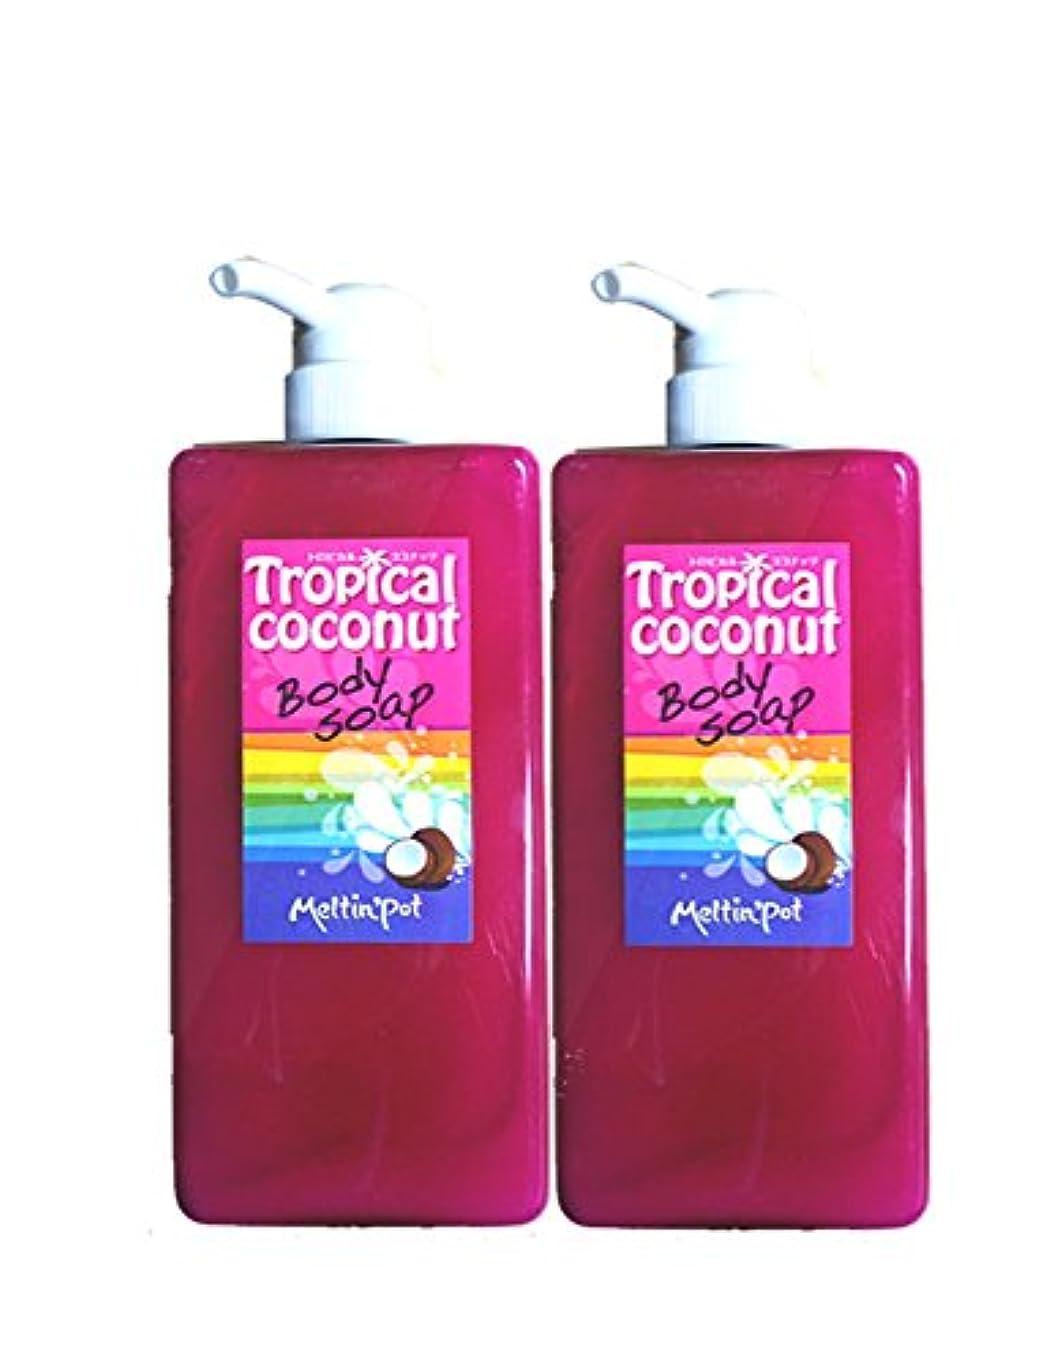 階層巡礼者冒険トロピカルココナッツ ボディソープ 600ml*2セット Tropical coconut Body Soap 加齢臭に!